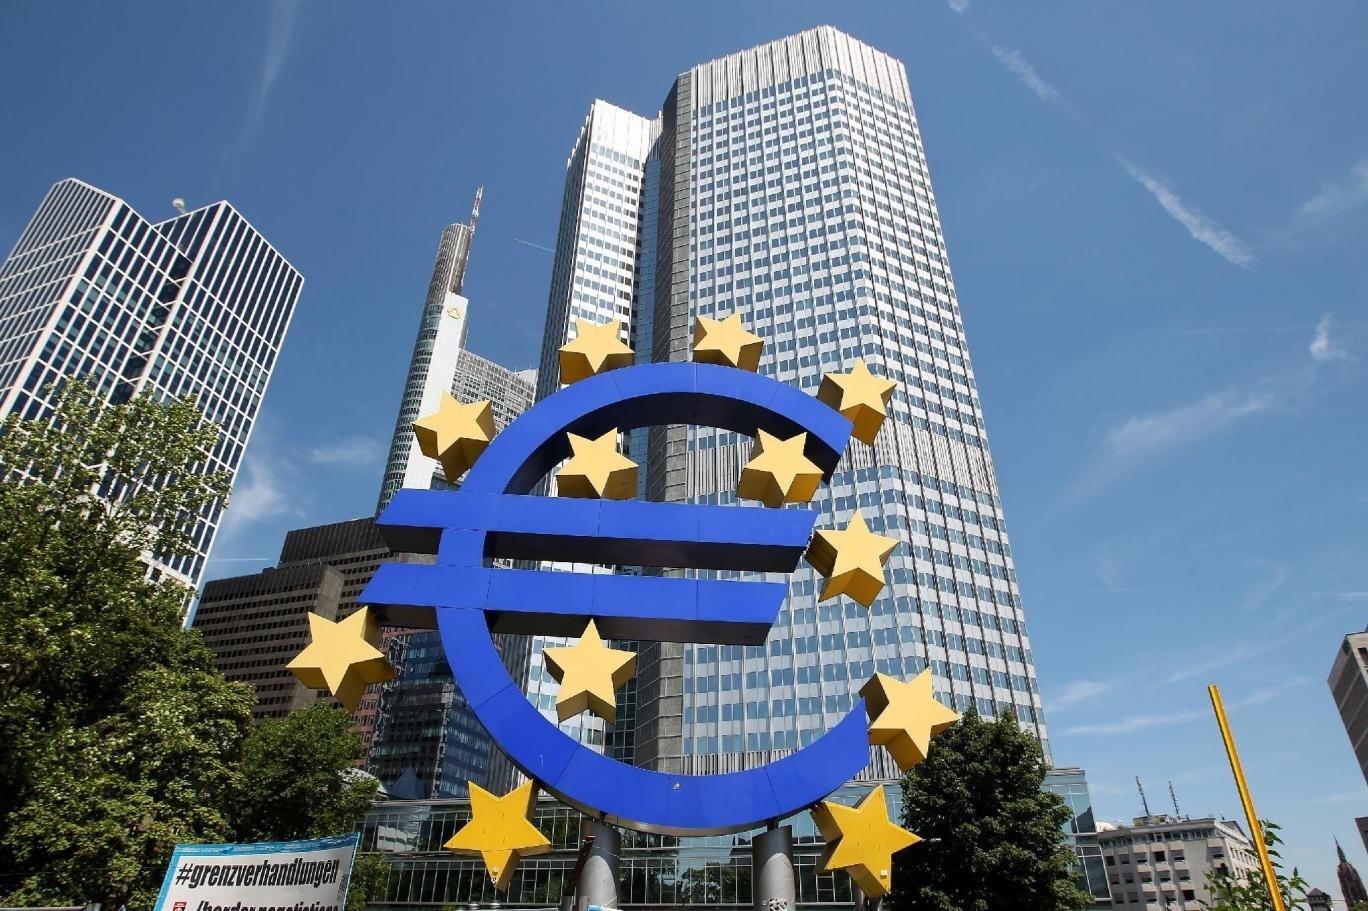 رئيسة البنك الأوروبي: أزمة كورونا ستسرع التحولات الاقتصادية الكامنة